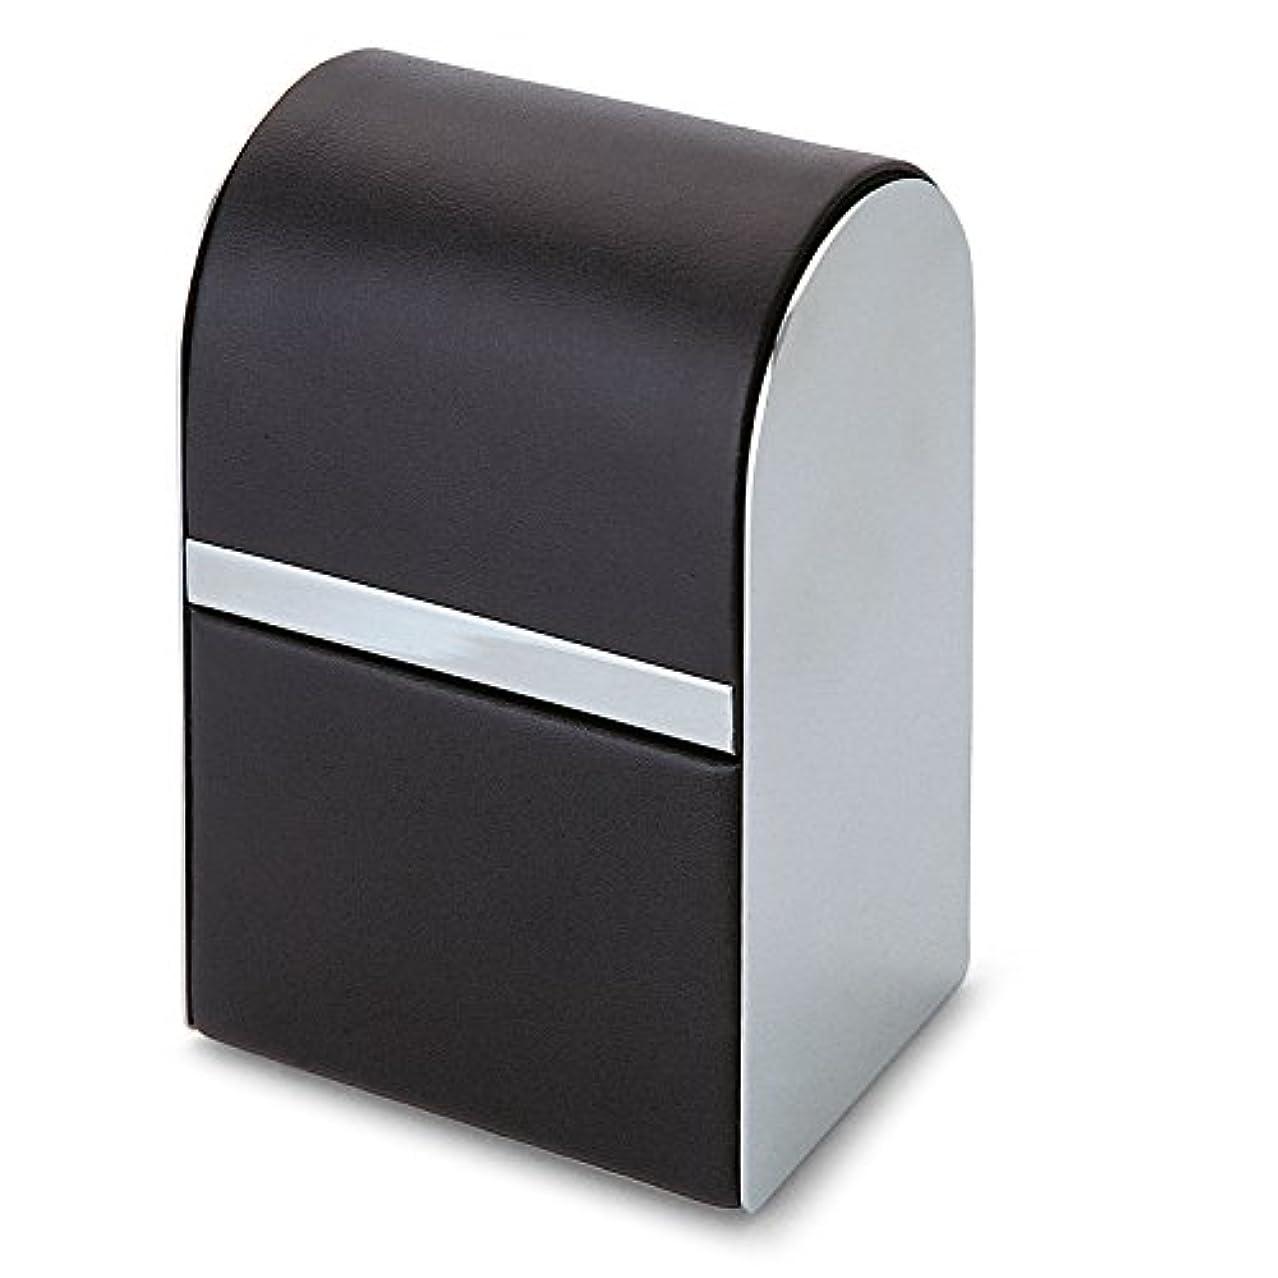 同等のイタリアの忌み嫌うPhilippi Giorgio メンズ身だしなみキット 7pcsセット leather stainless polished